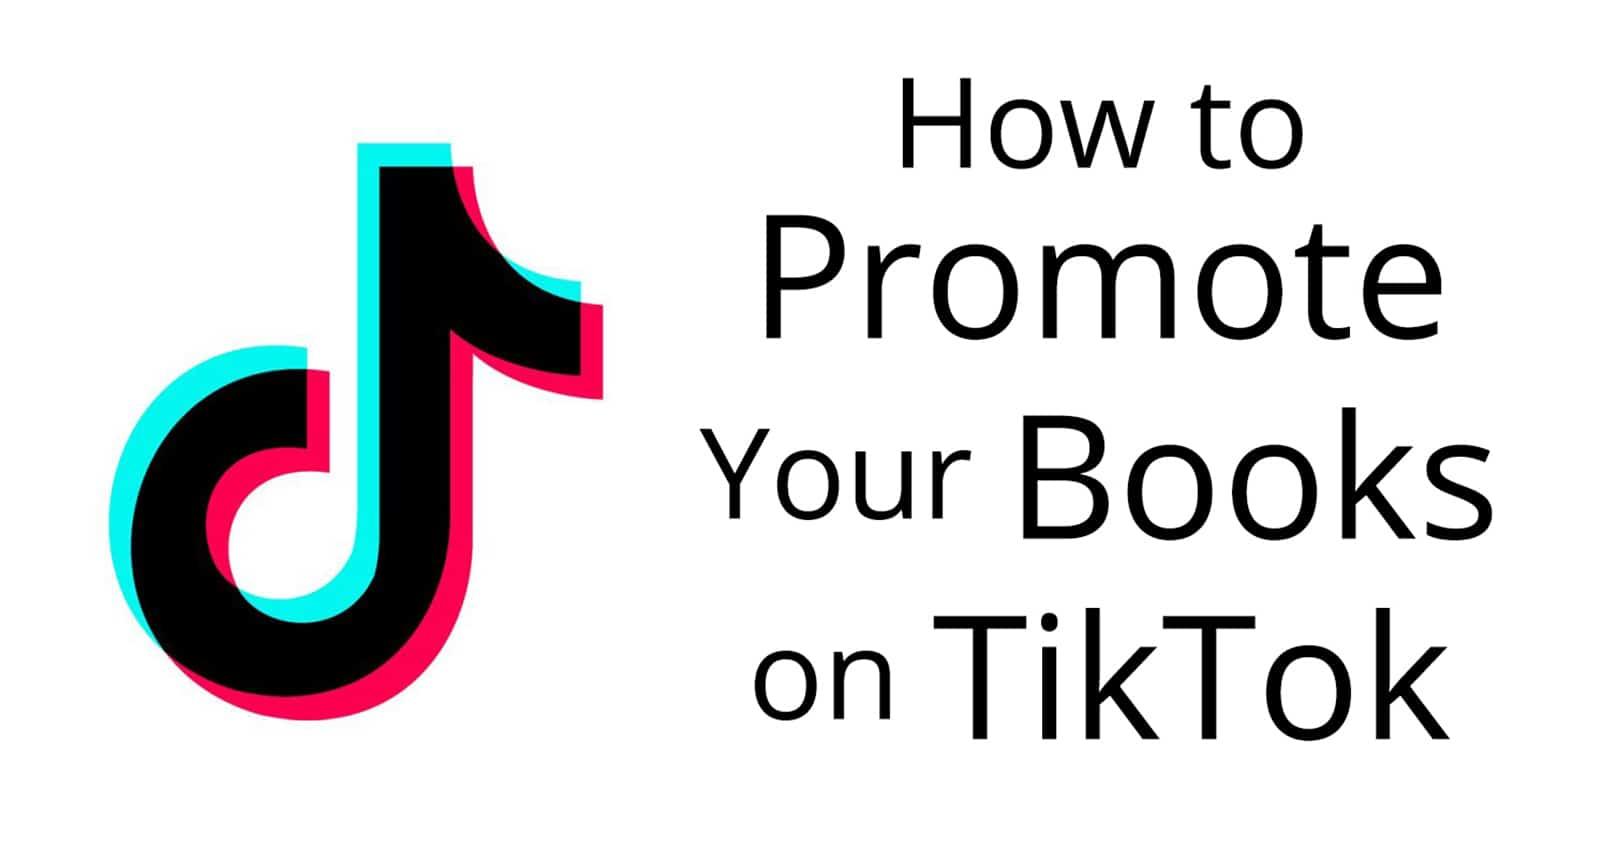 promote your books on tiktok